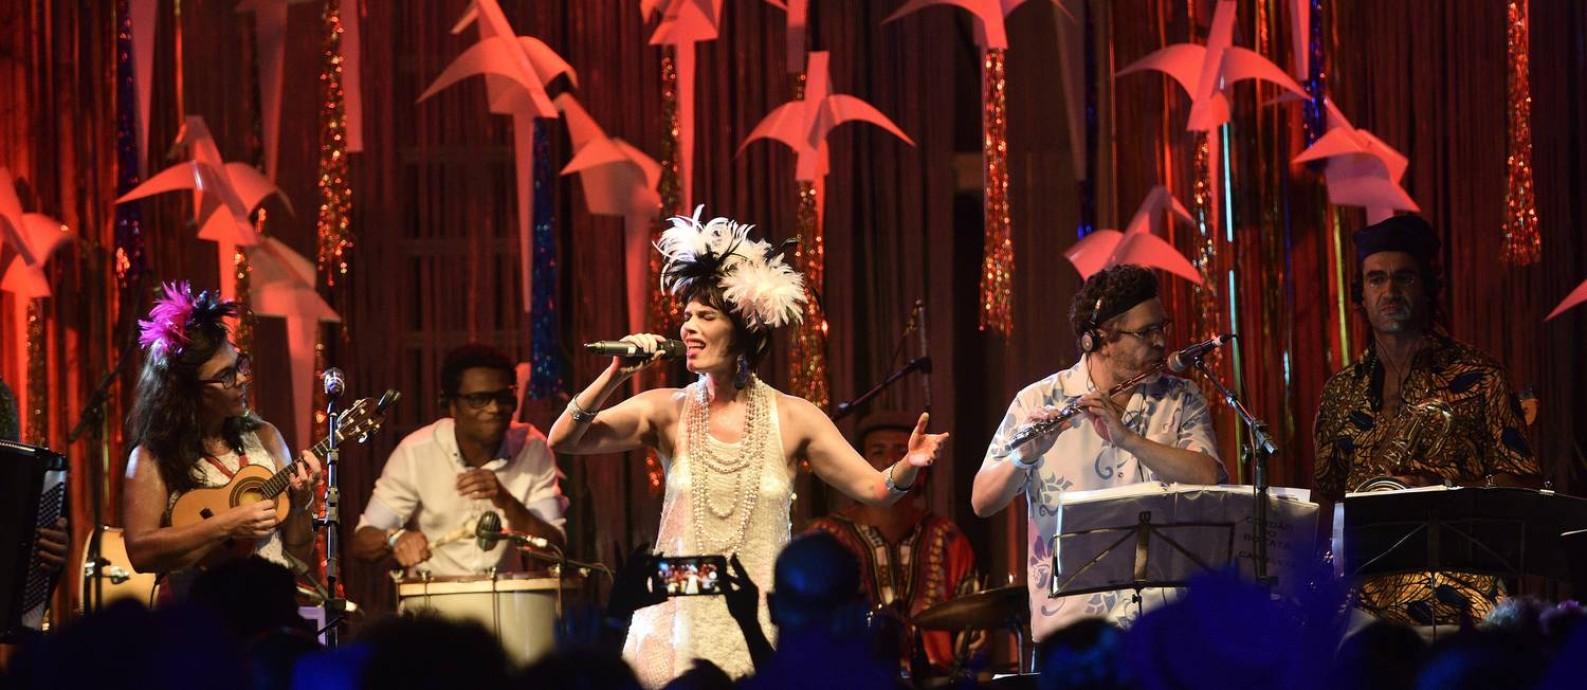 Casa Bloco promove uma série de bailes Foto: Divulgação/Bruno de Lima